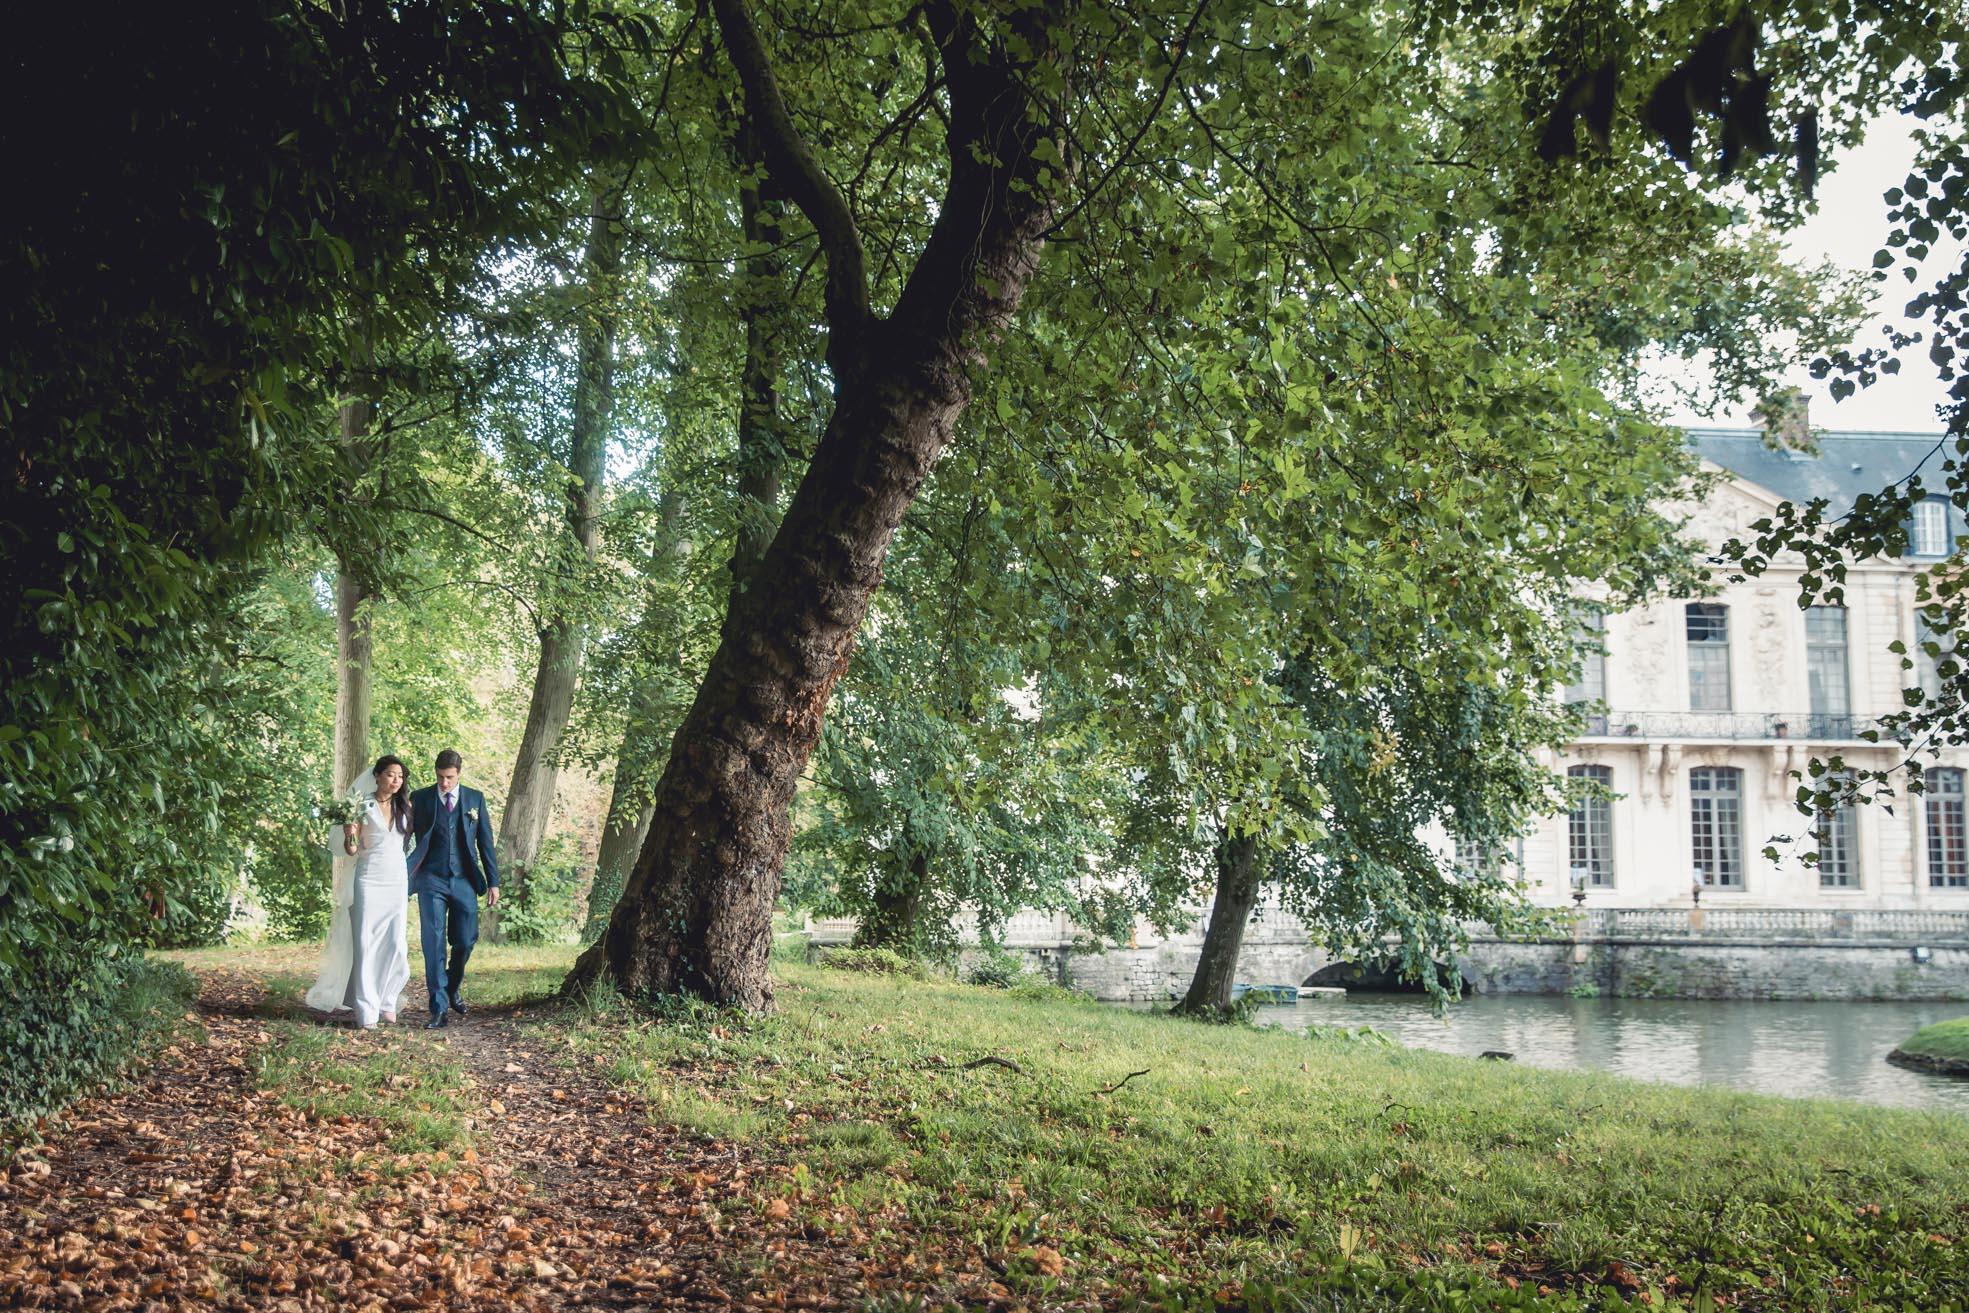 photographe événementiel mariage, photographe mariage ile de france, jean-baptiste Chauvin photographe, www.studioart-photographe.fr